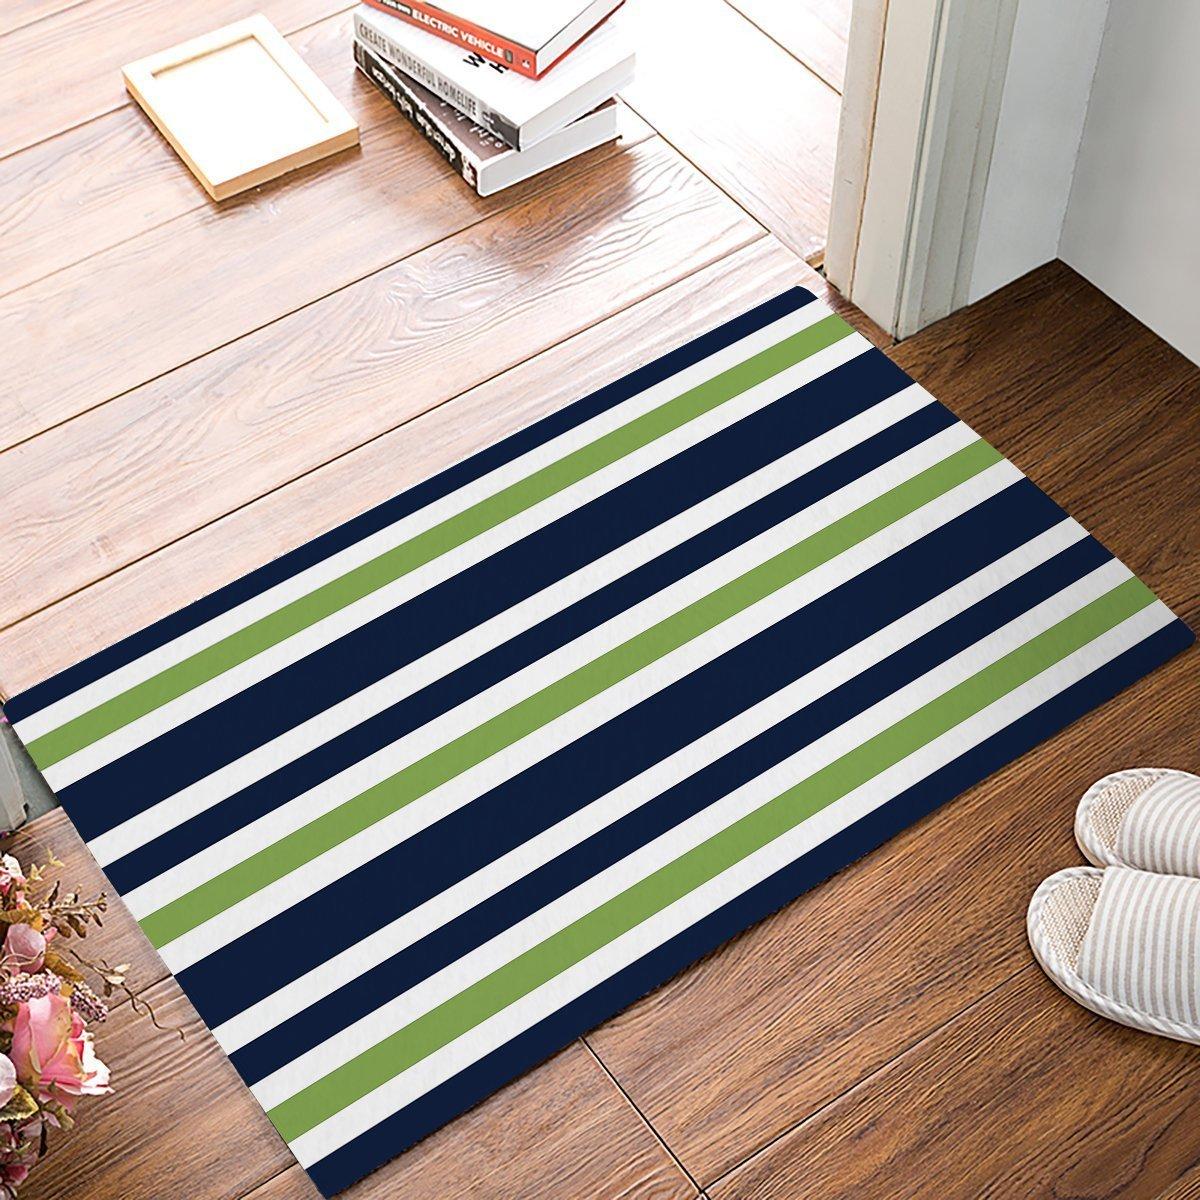 Us 13 48 41 Off Stripes Fabric Door Mat Rug Floor Mats Front Doormats Non Slip Bedroom Carpet Home Kitchen Rug Navy Blue Green White In Mat From